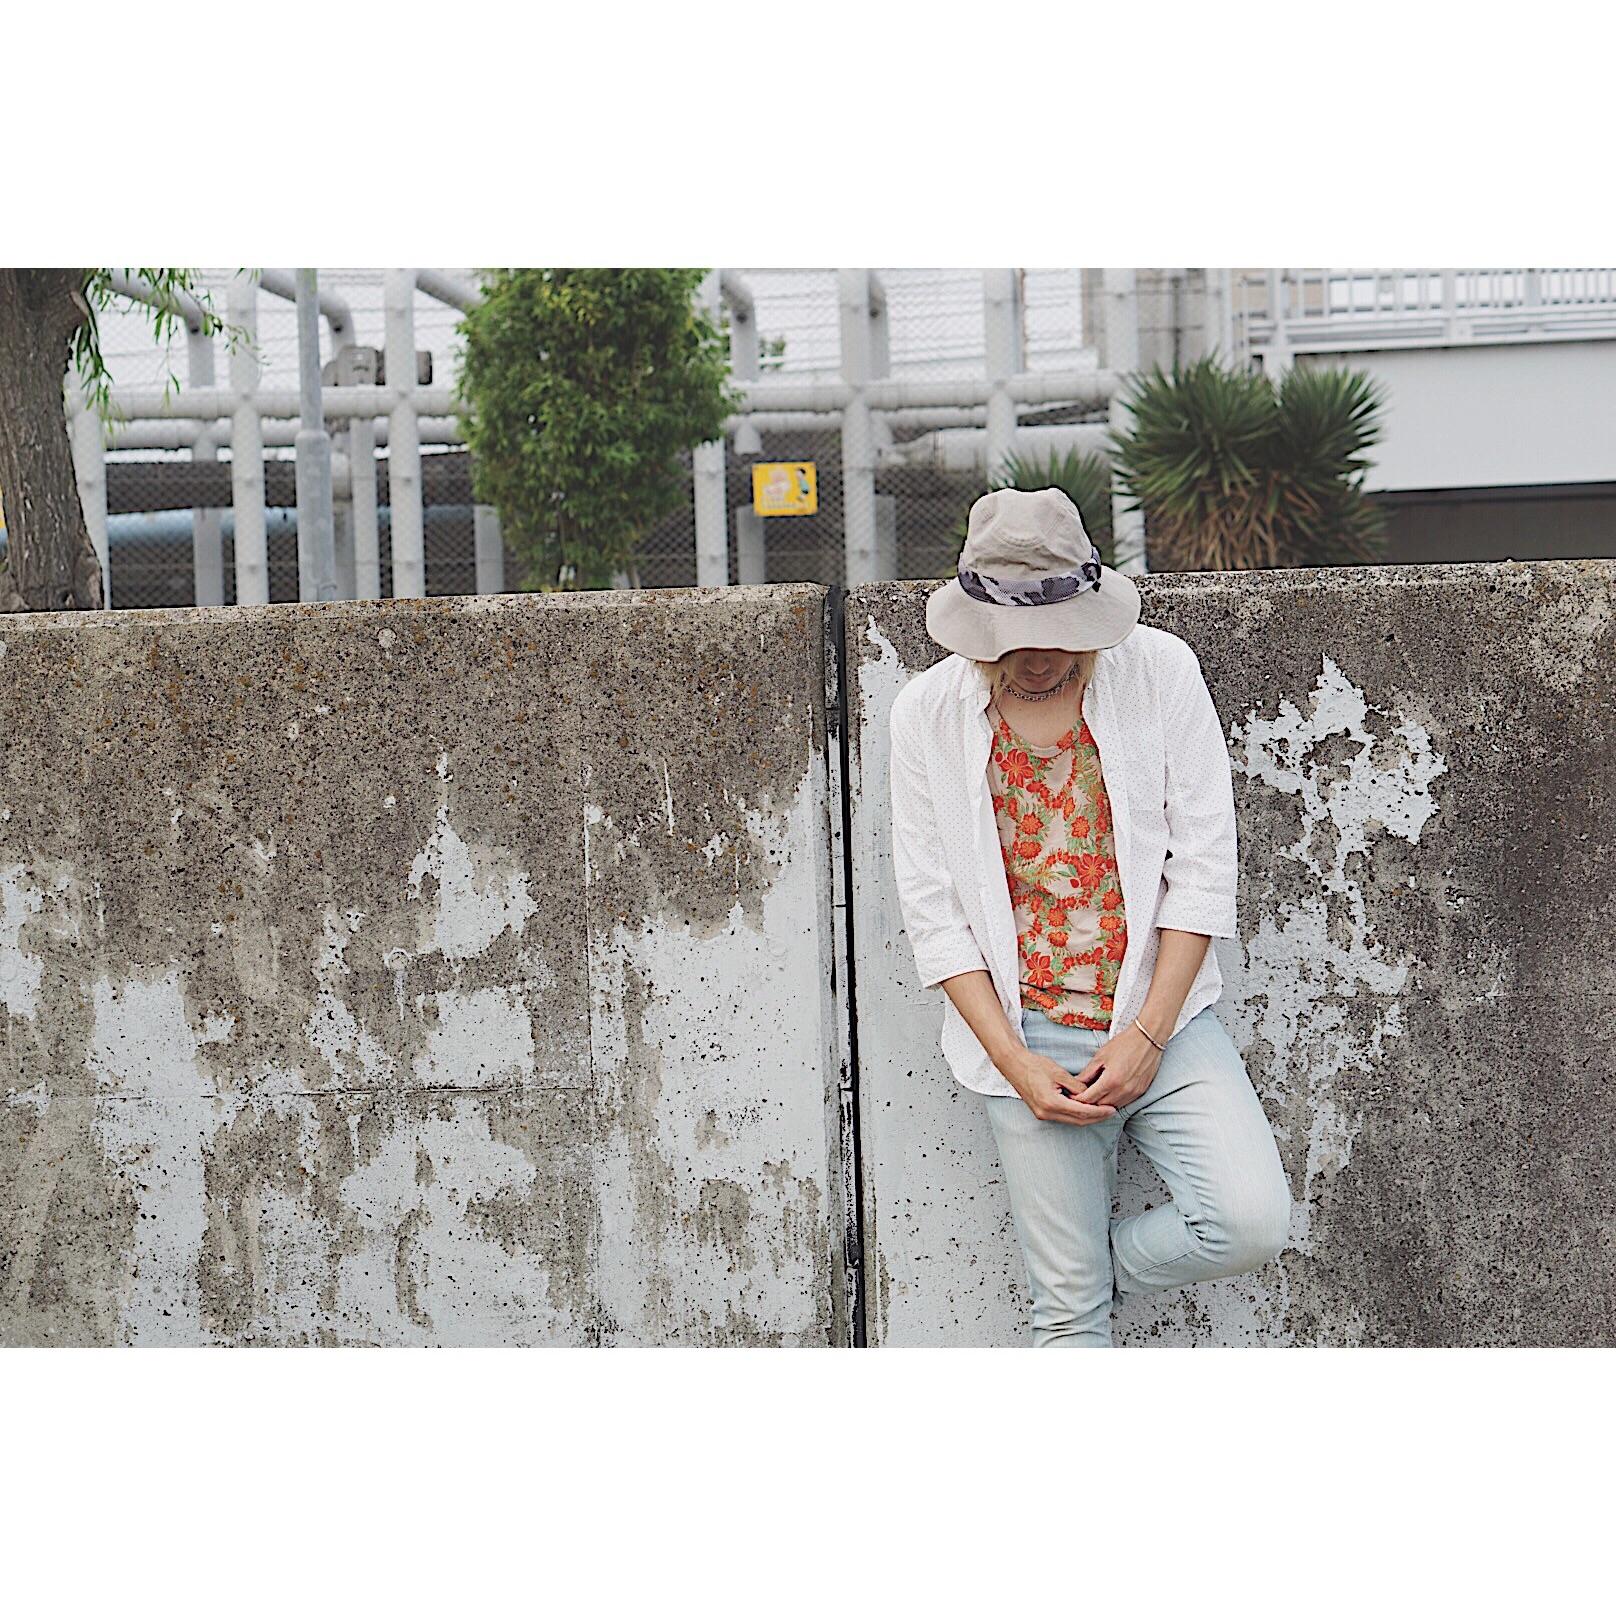 f:id:Yosuke0912:20180516183810j:image